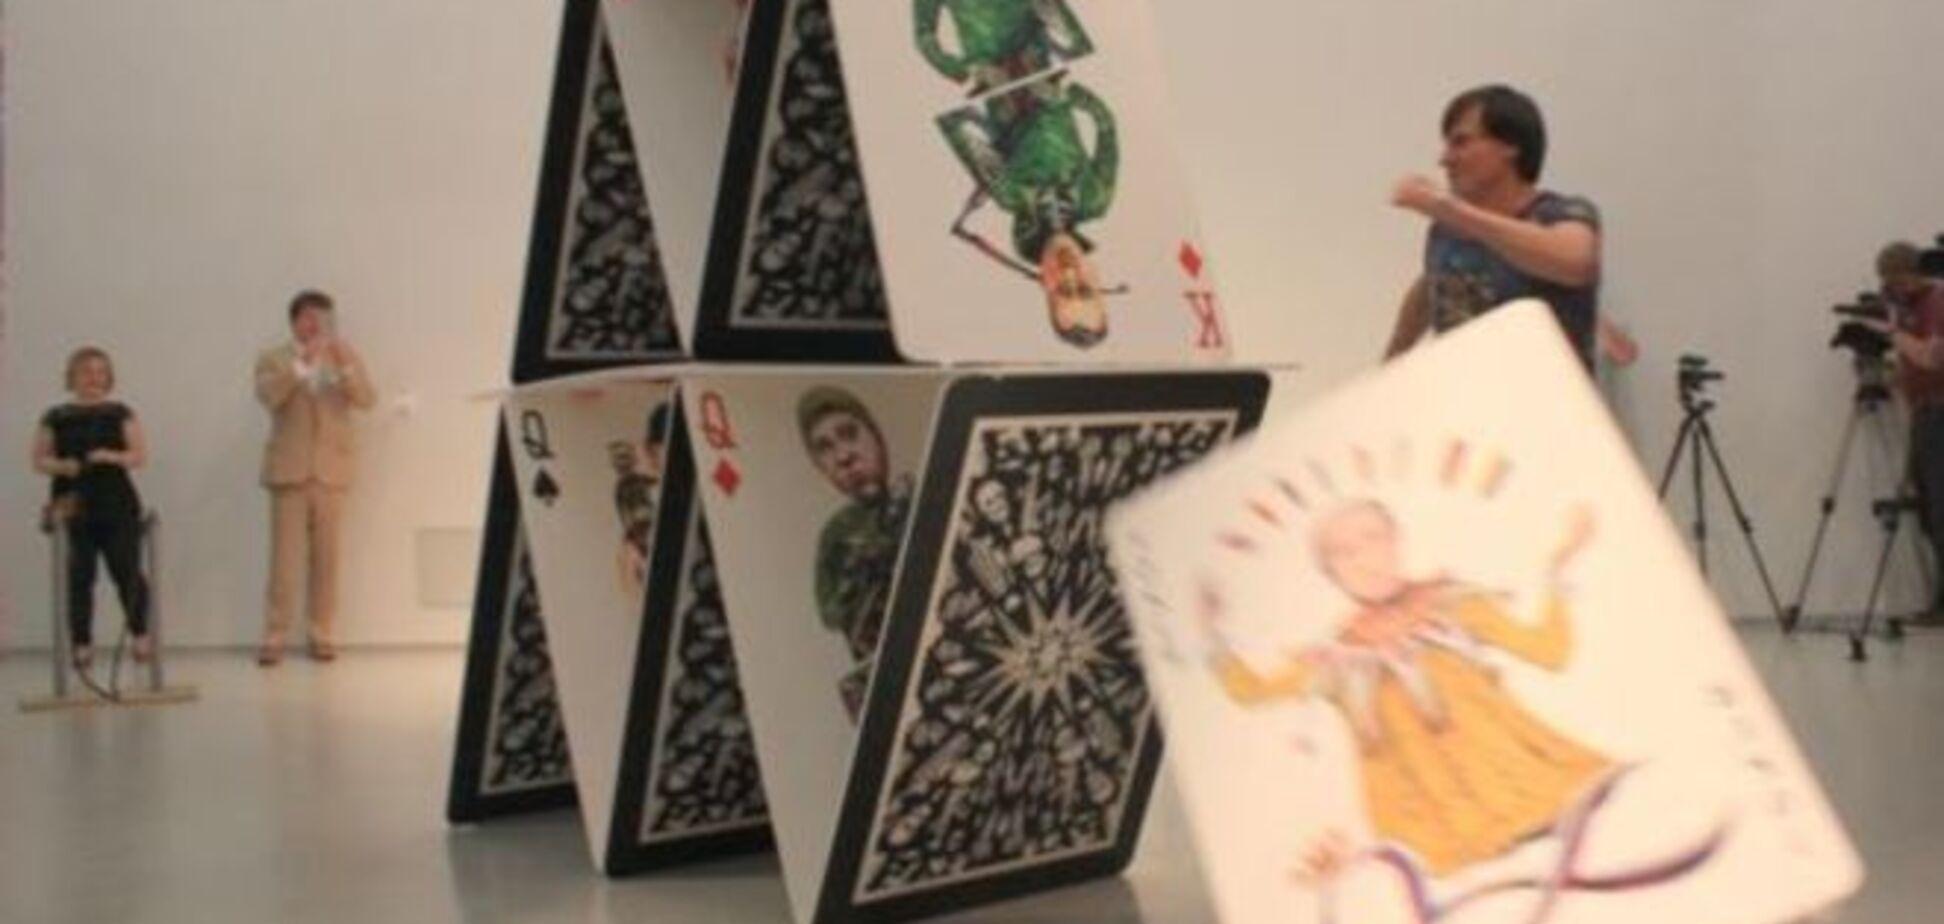 Карточный домик. Бывший пленный 'ДНР' показал в Праге грядущий развал 'республик': фото и видео с выставки